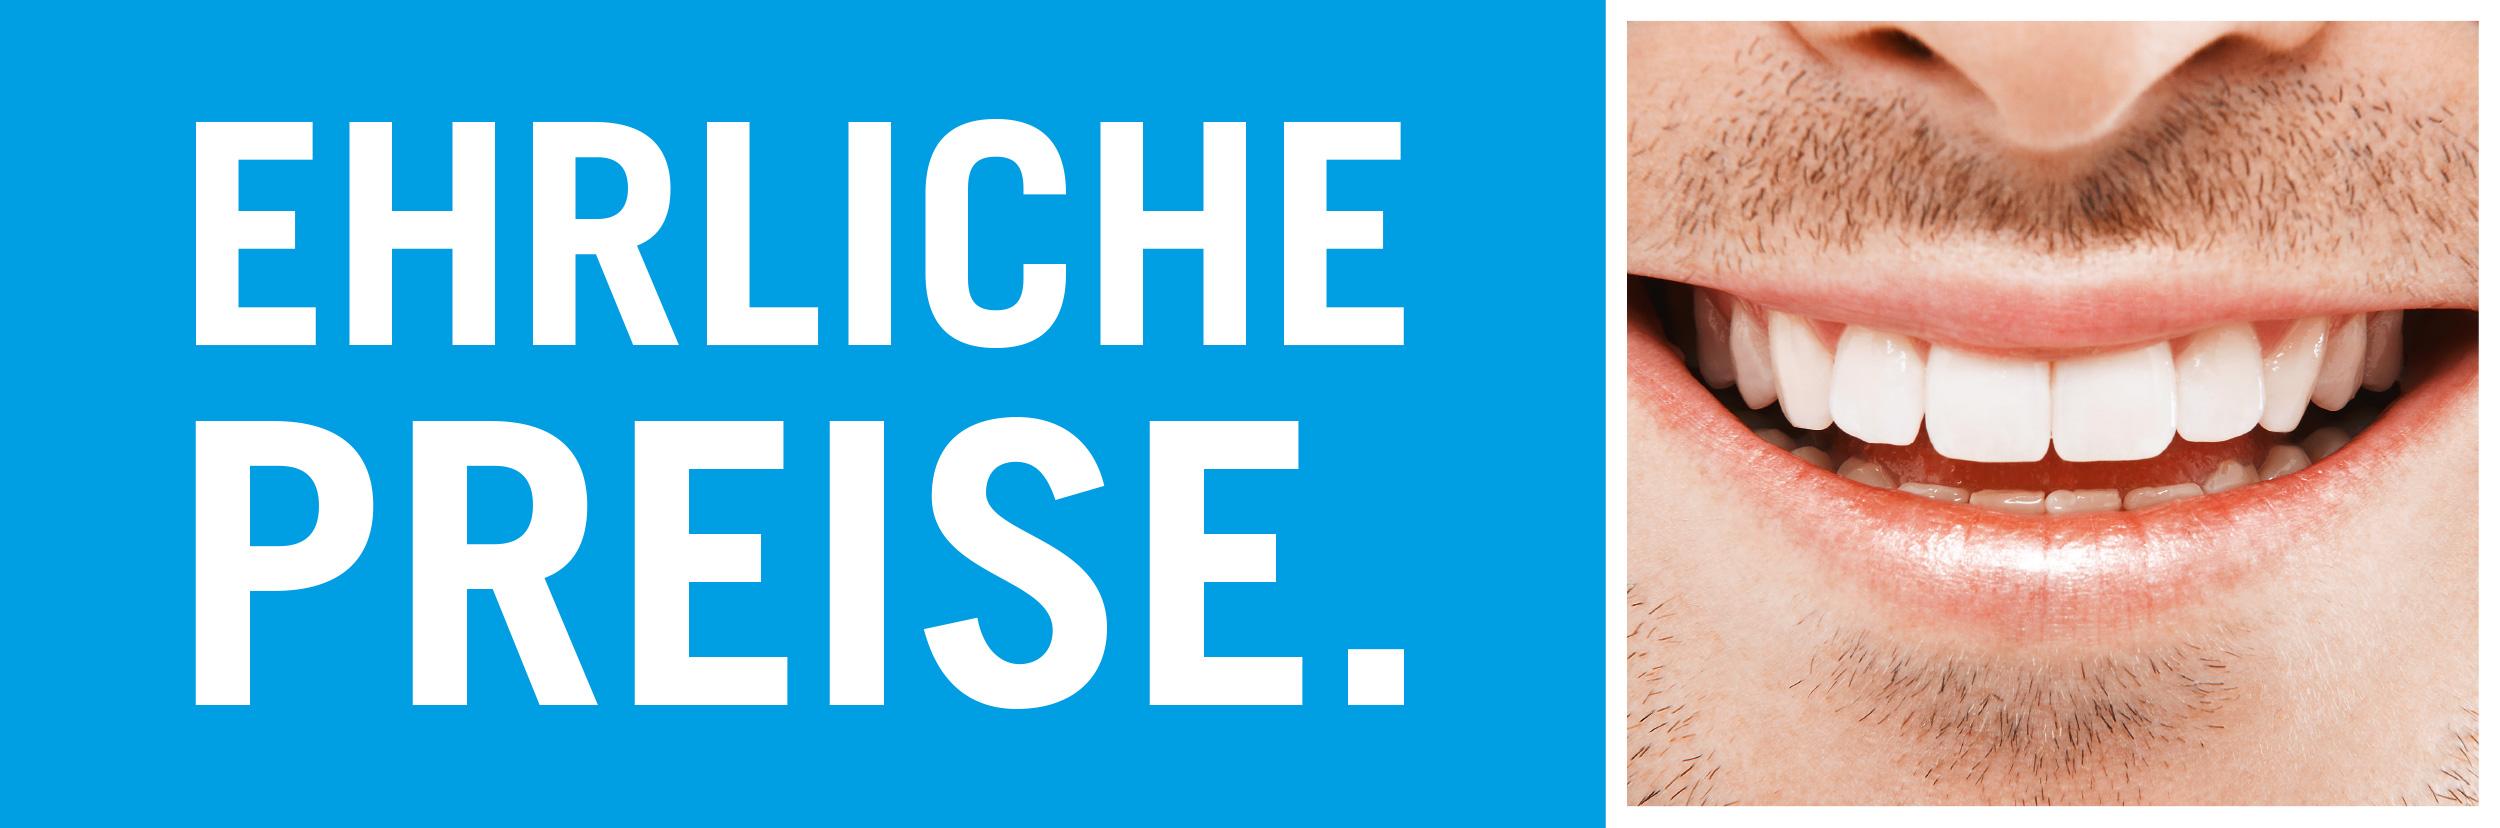 audentic_ehrliche_preise